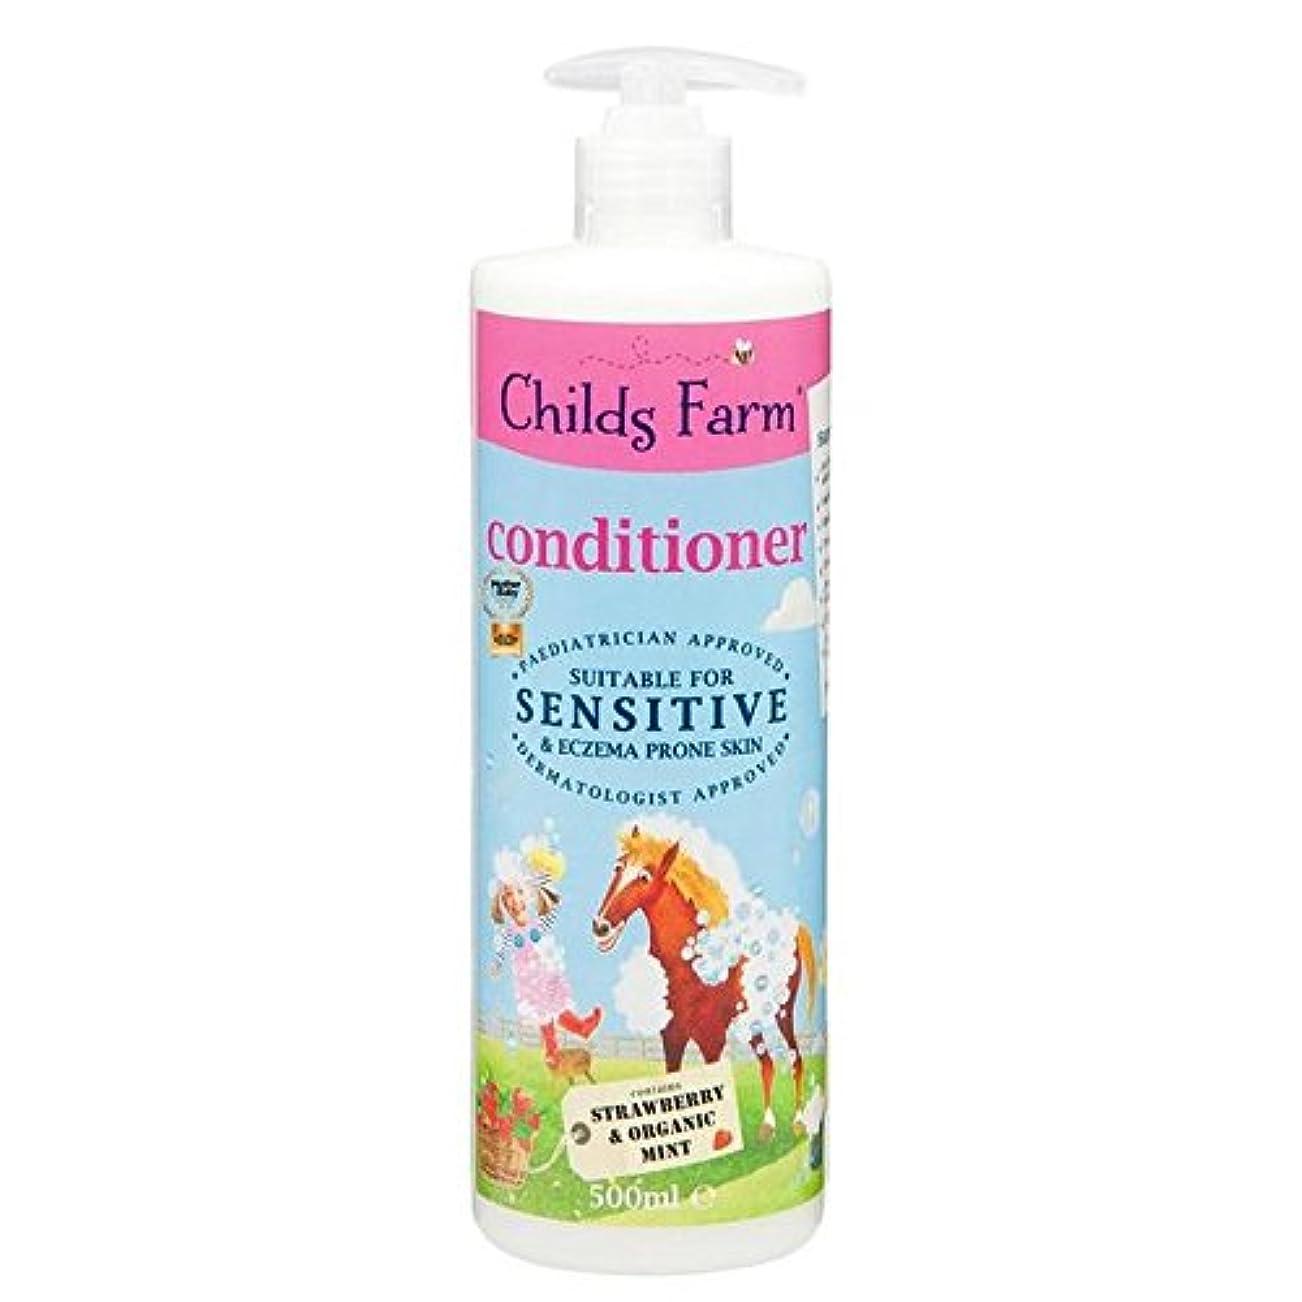 太平洋諸島コンベンションしないChilds Farm Conditioner for Unruly Hair 500ml - 手に負えない髪の500ミリリットルのためのチャイルズファームコンディショナー [並行輸入品]